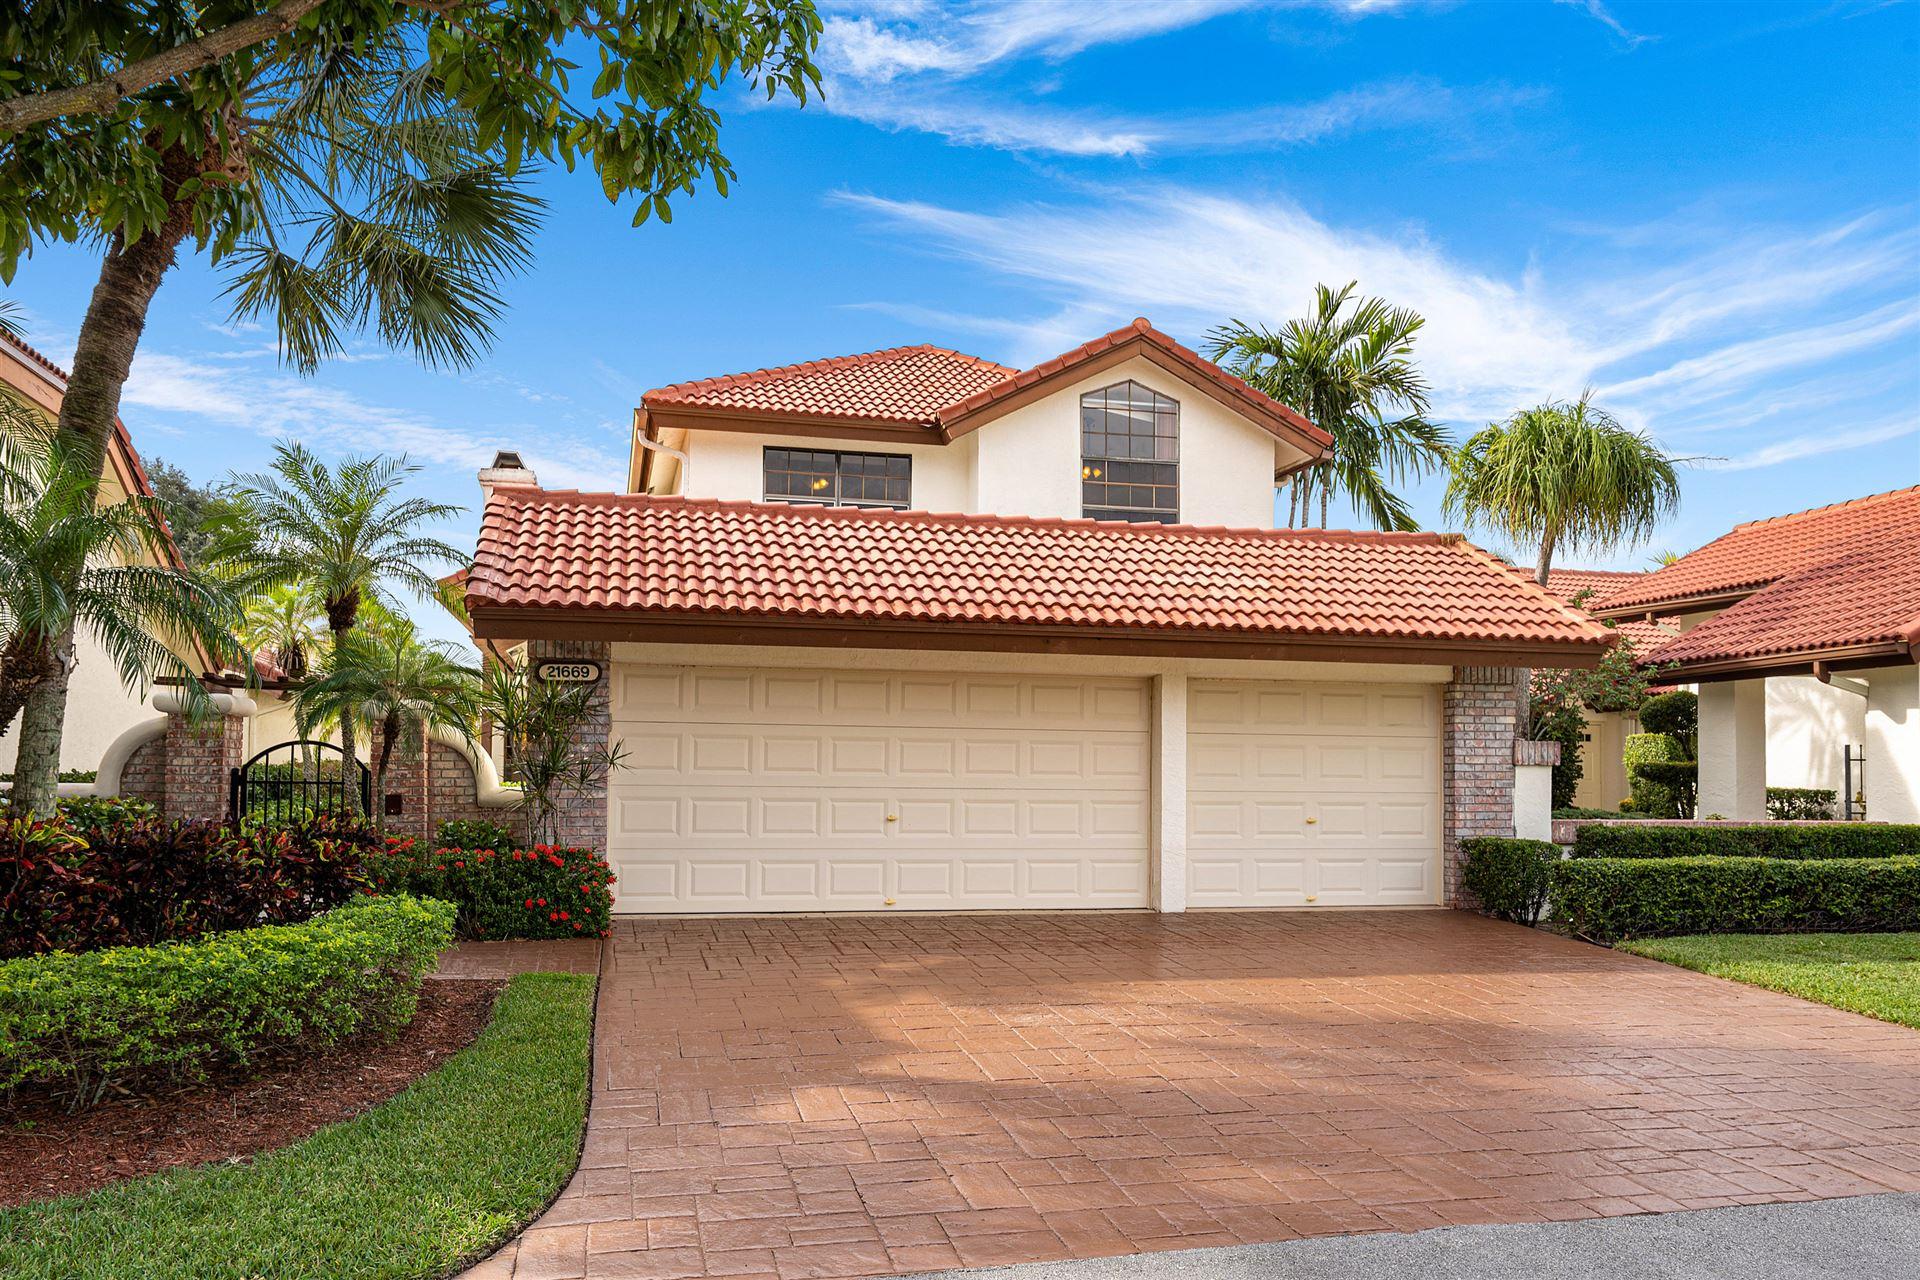 21669 Town Place Drive, Boca Raton, FL 33433 - #: RX-10658134